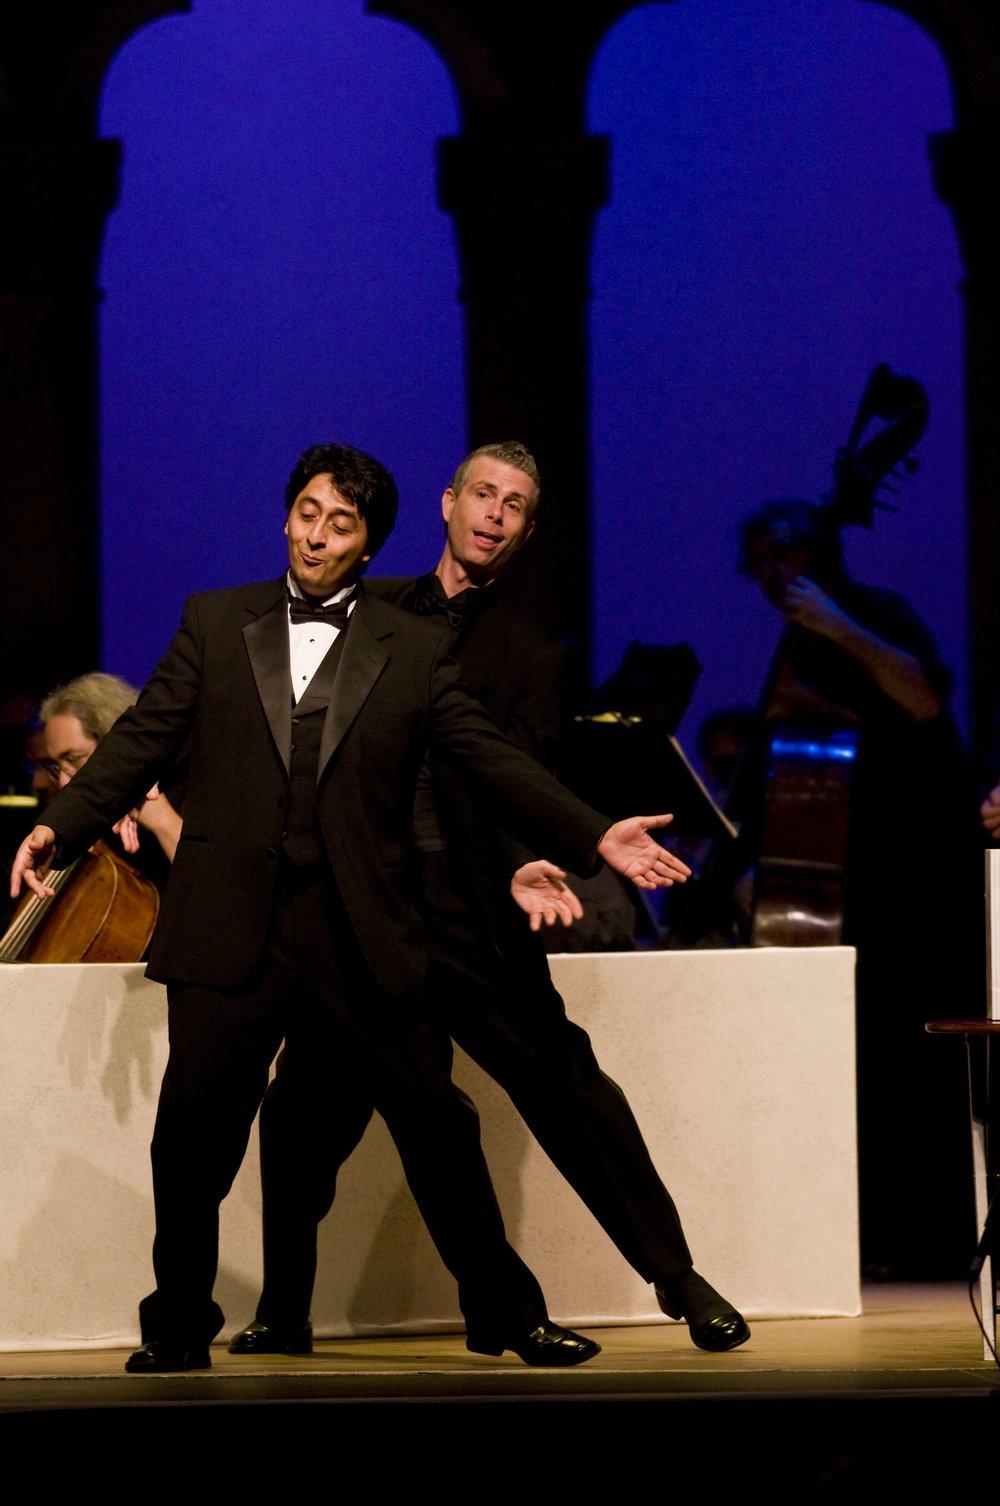 Ricardo Herrera and Daniel Mobbs in Il barbiere di Siviglia at Caramoor (photo by Gabe Palacio)